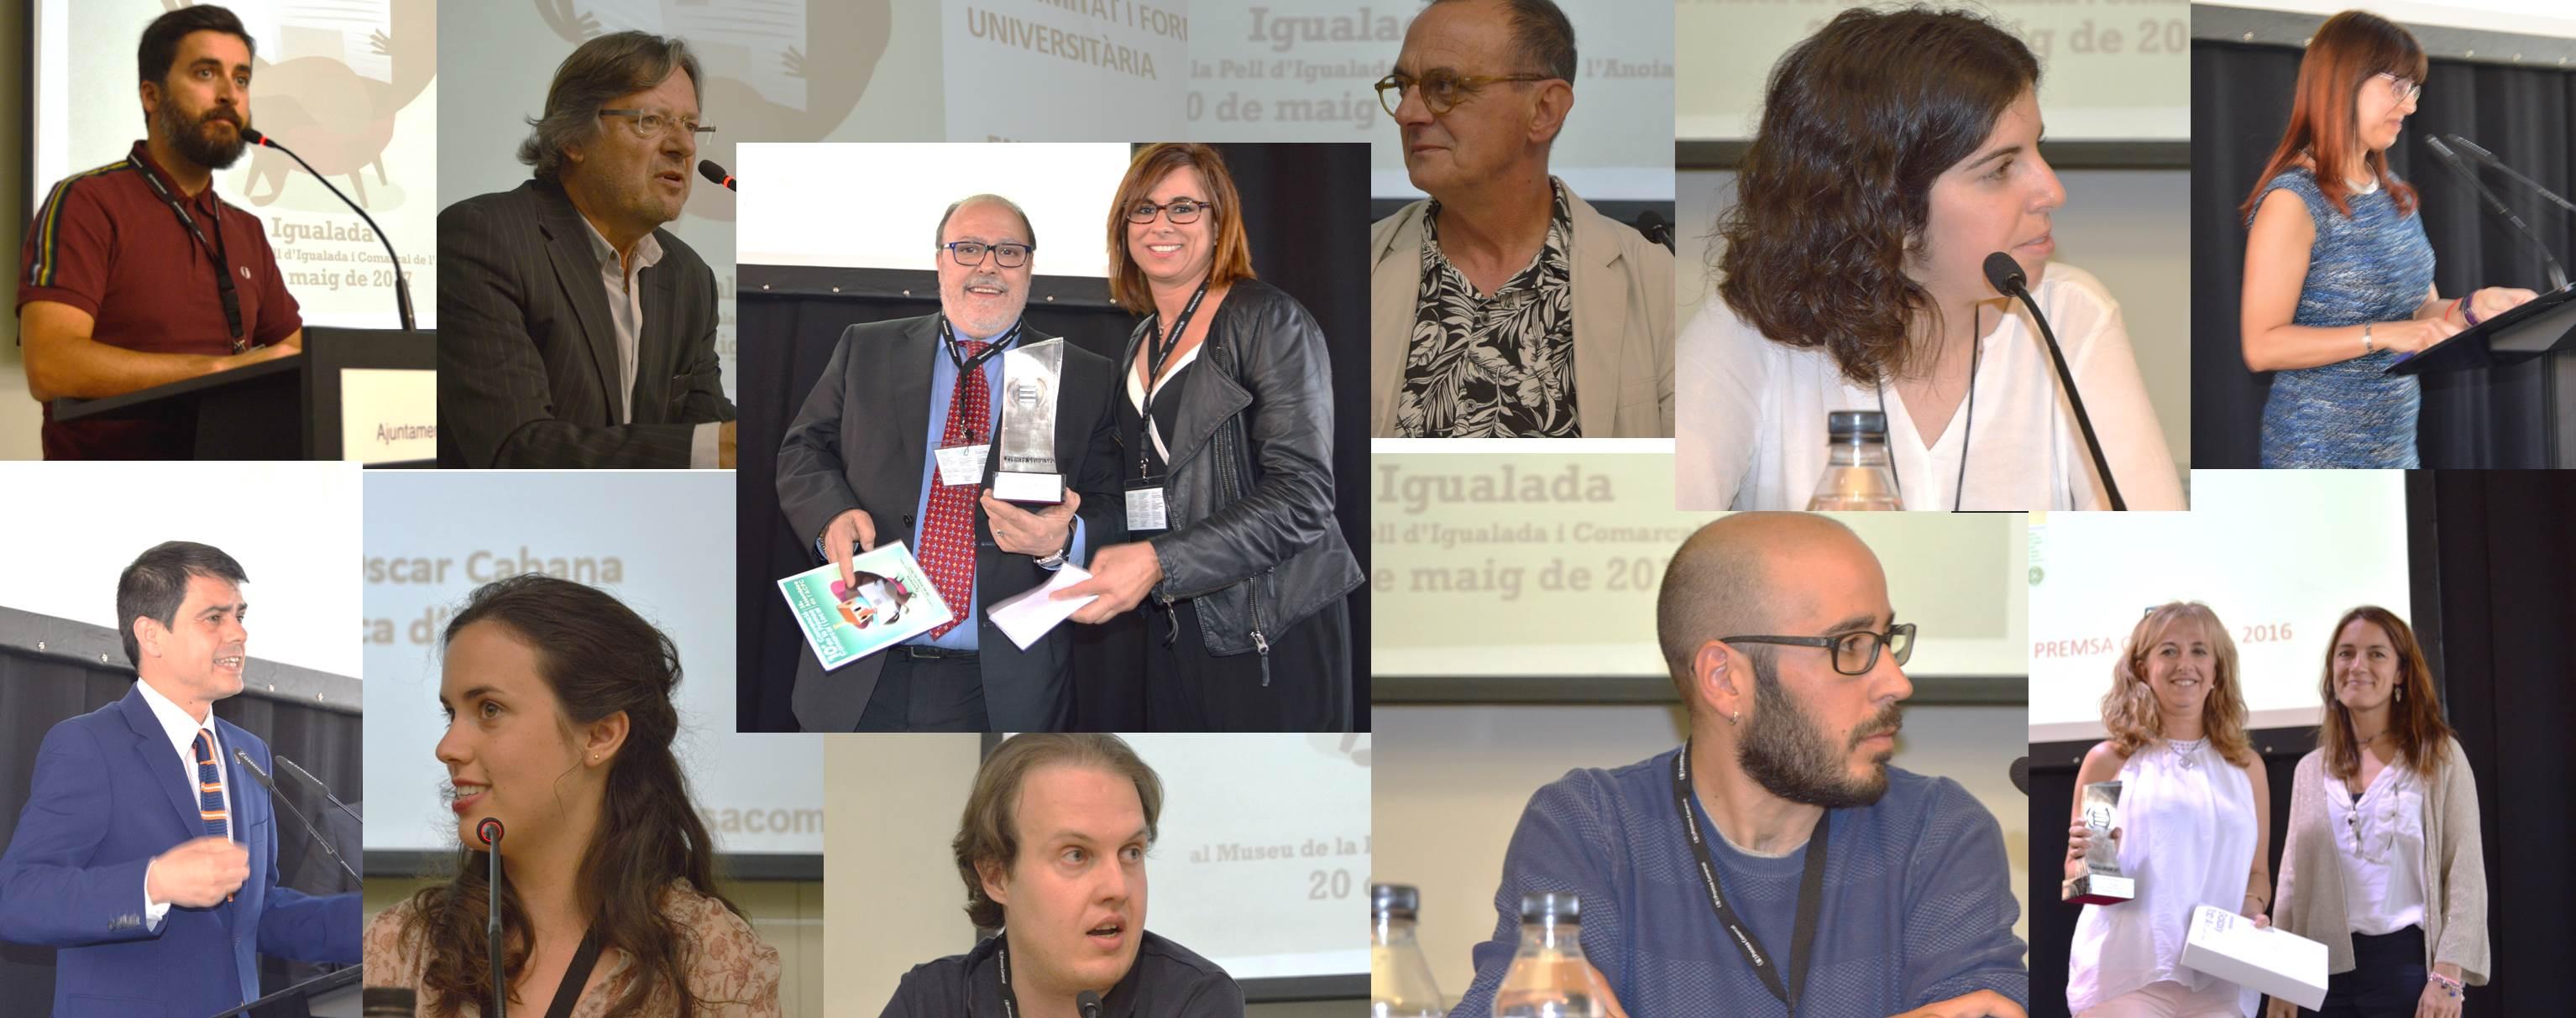 Les imatges de l'Assemblea i Convenció de l'ACPC celebrada a Igualada